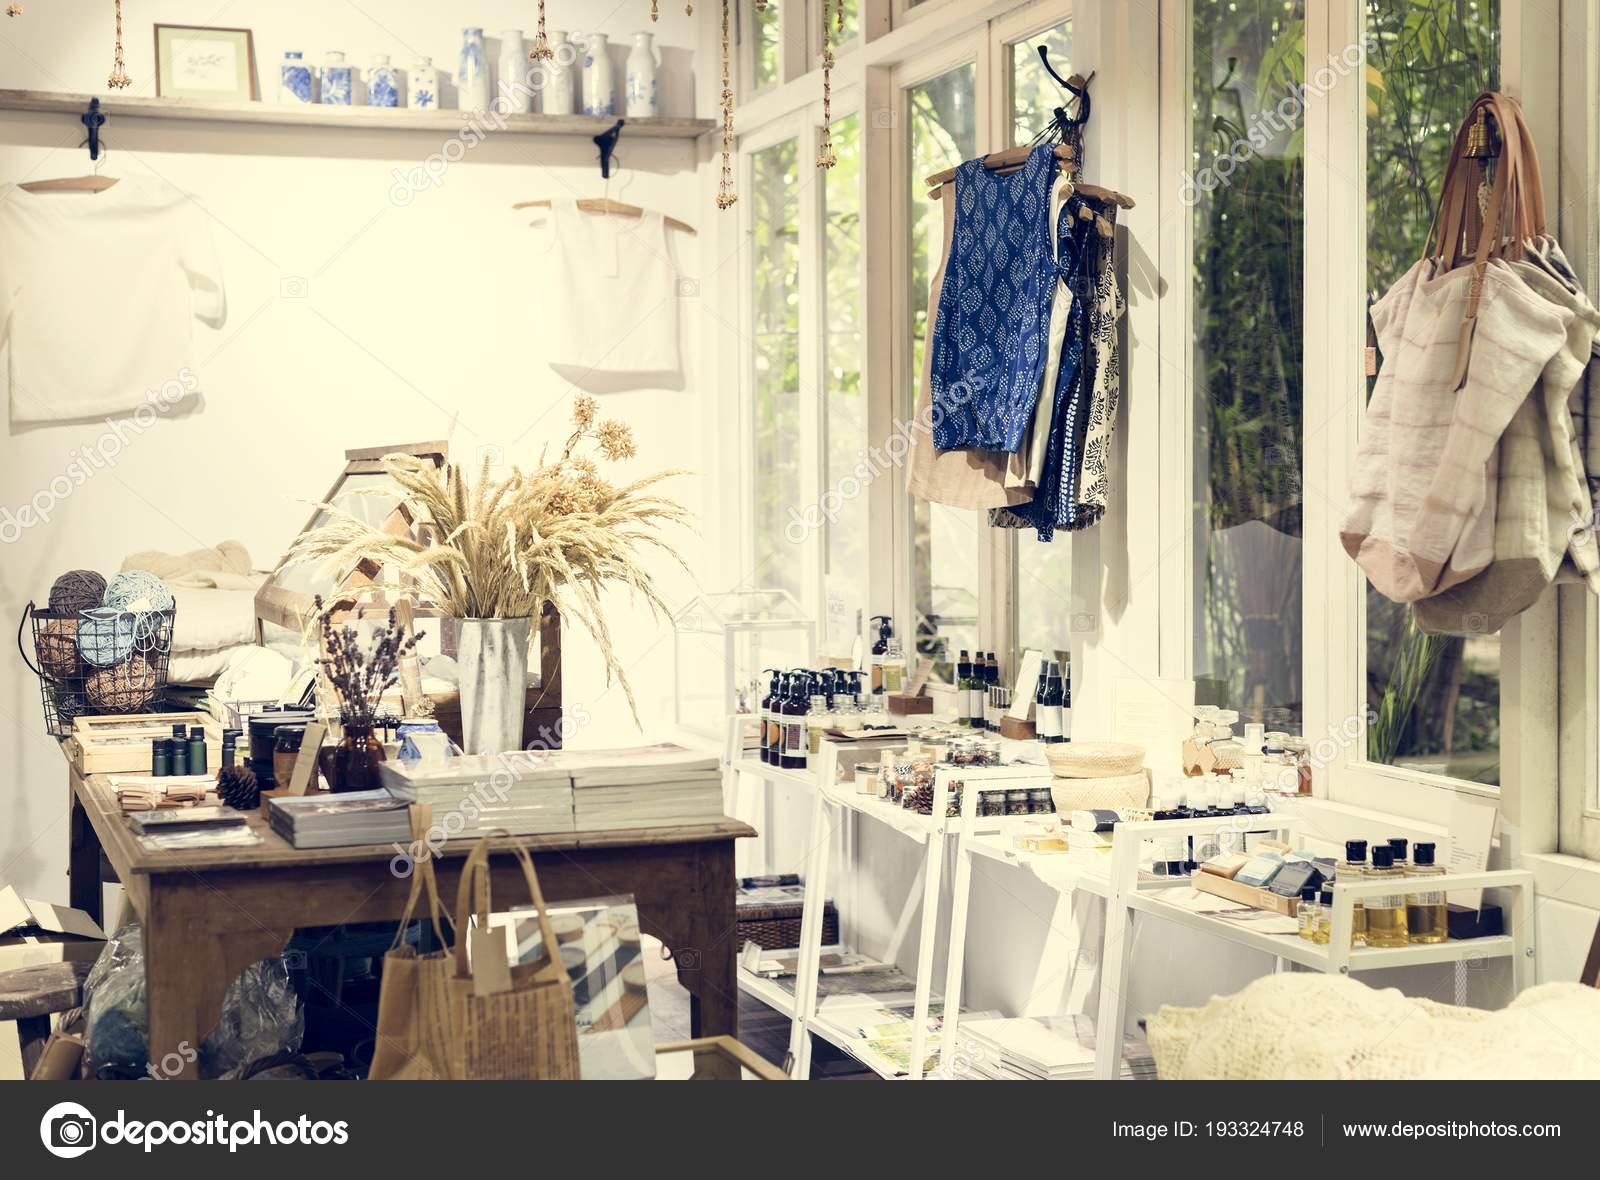 Photos Small Cloth Shop Interior Design Clothes Shop Interior Small Business Stock Photo C Rawpixel 193324748